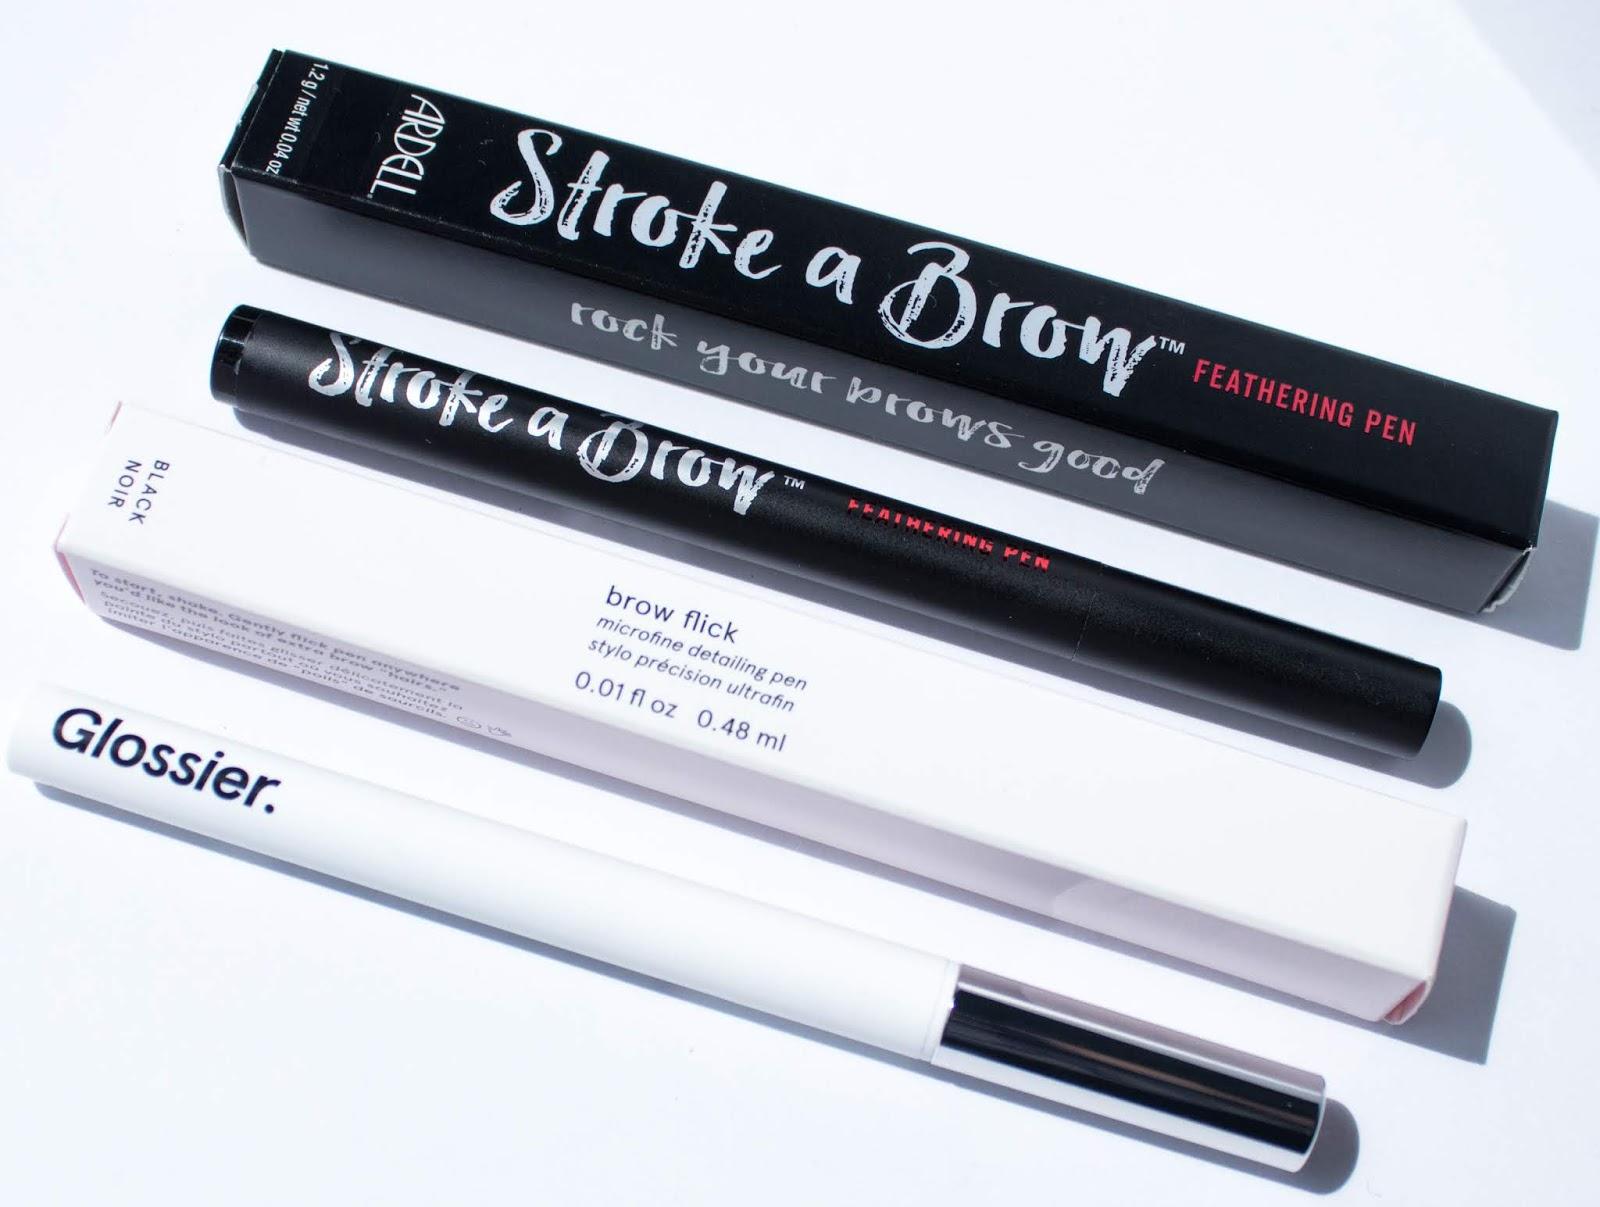 Glossier Brow Flick vs. Ardell Stroke a Brow Comparison